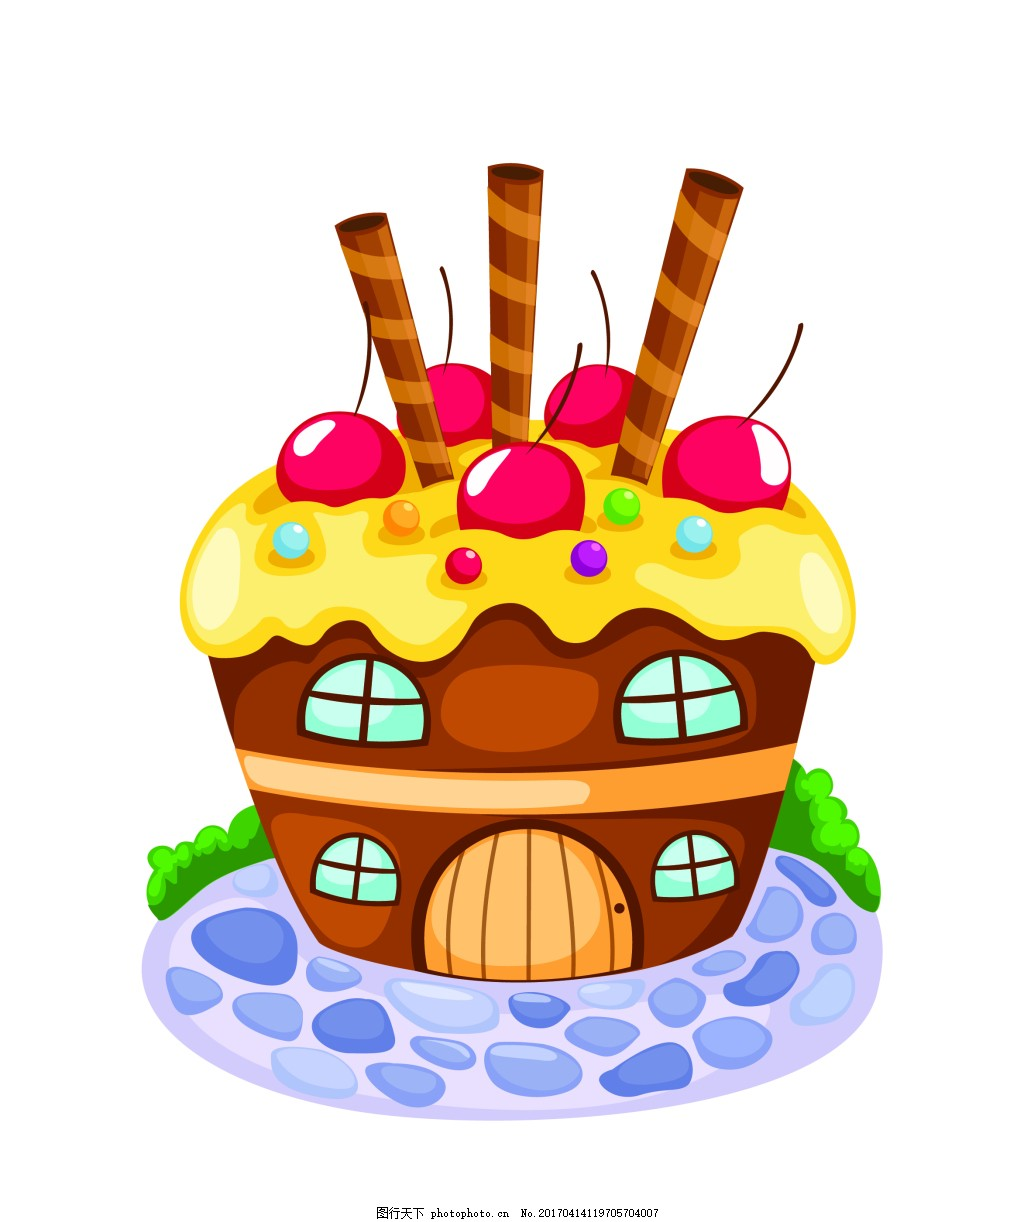 矢量蛋糕房子eps 花纹花边 可爱动物 墙贴 墙画 儿童矢量素材 卡通